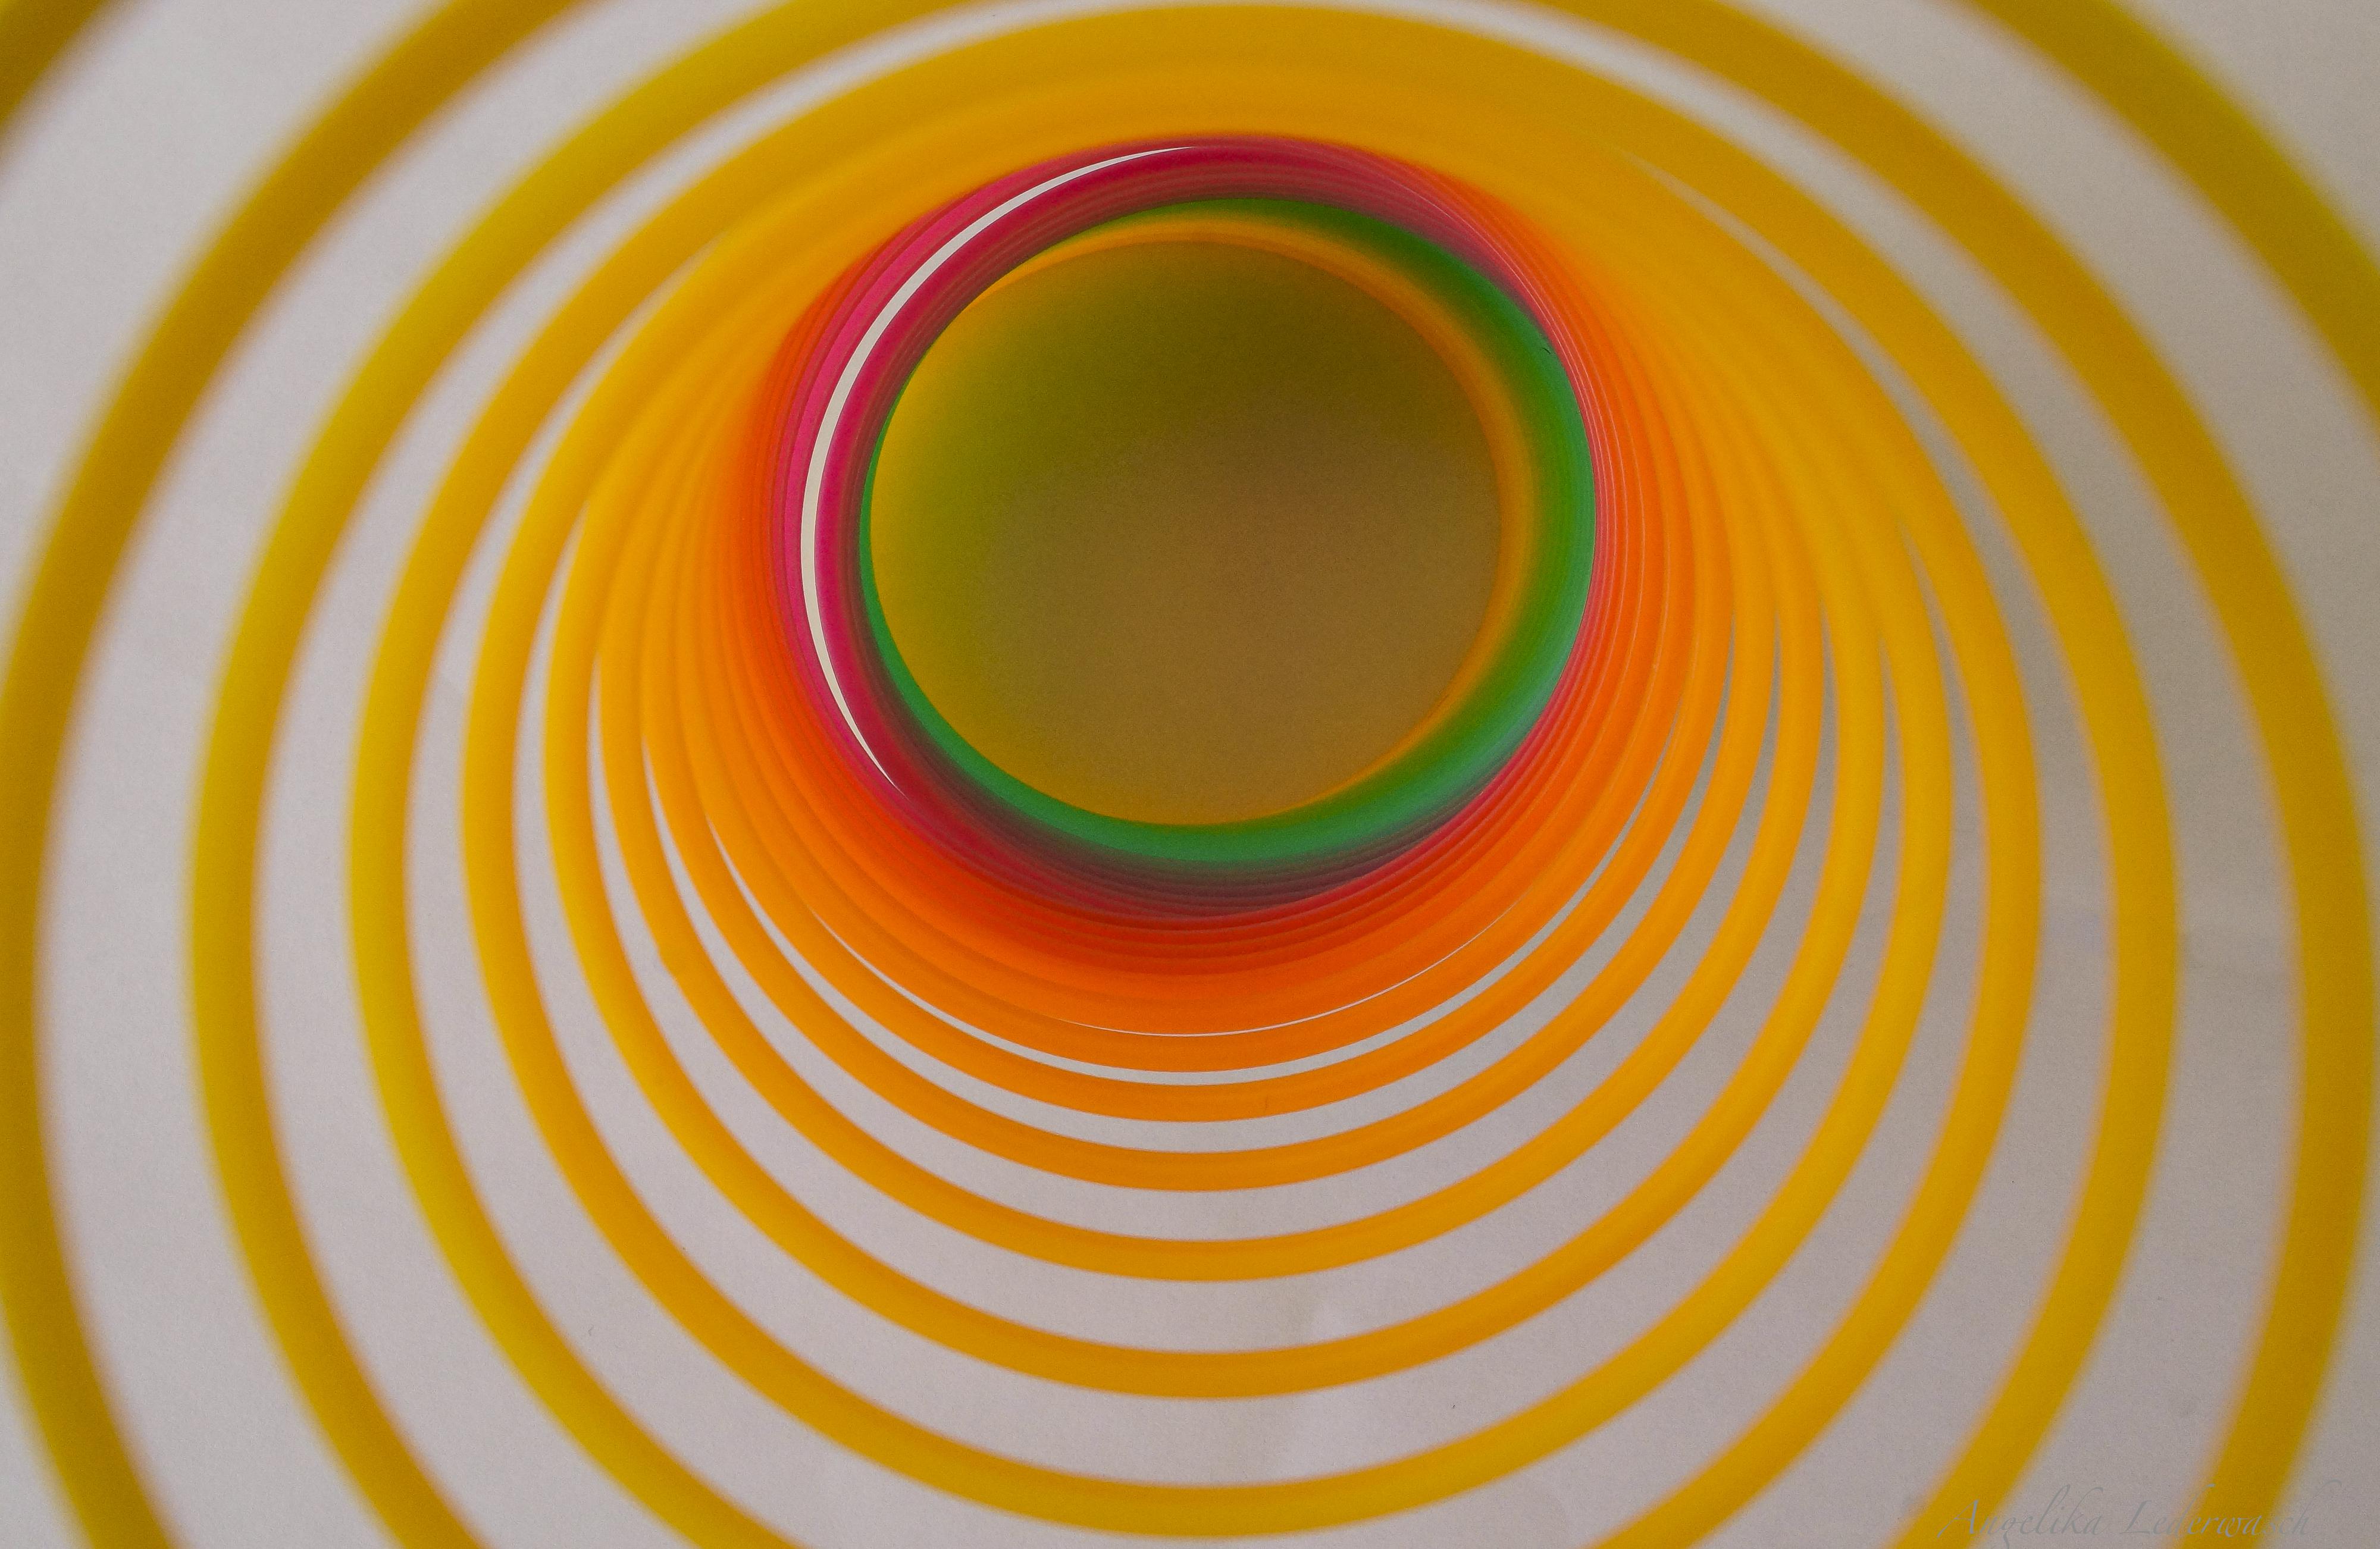 Regenbogenspiral-Tunnel